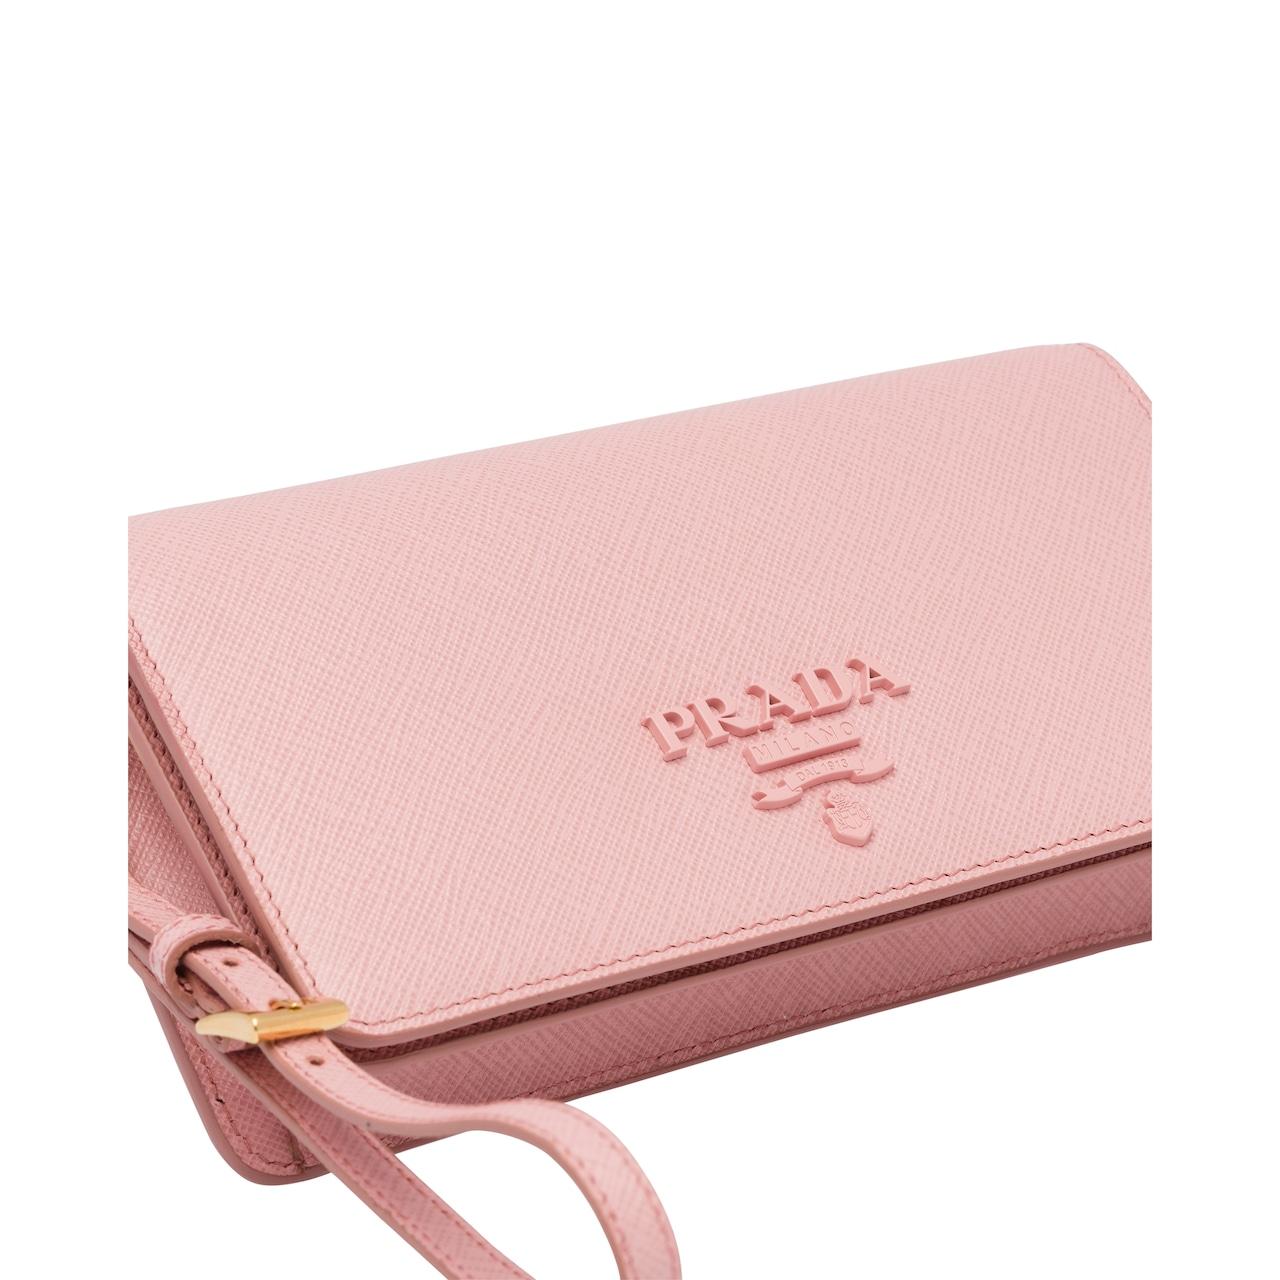 Prada Saffiano leather mini-bag 6